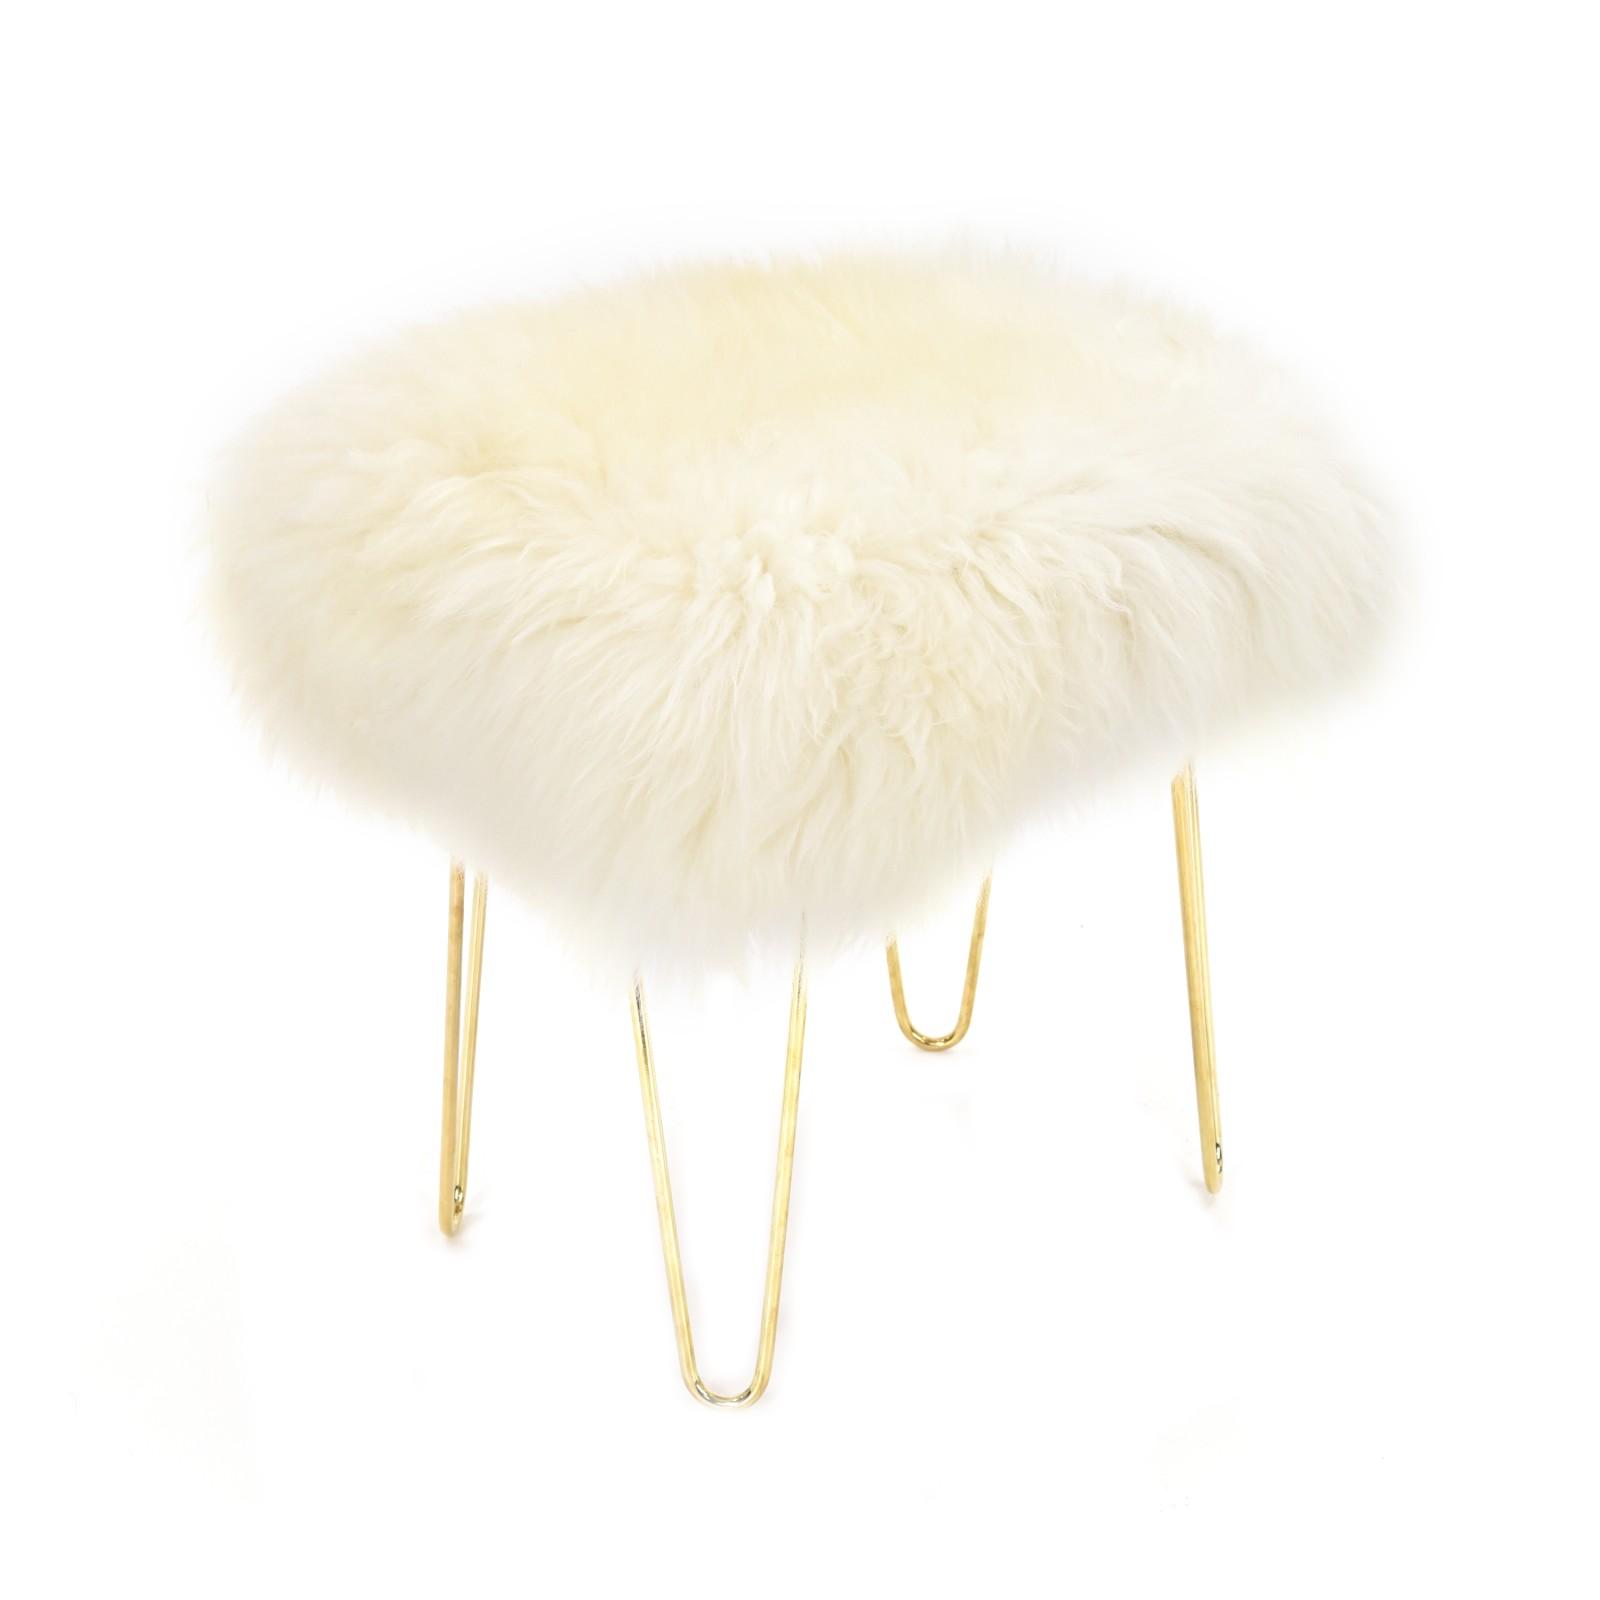 Judy - Sheepskin Footstool in Ivory